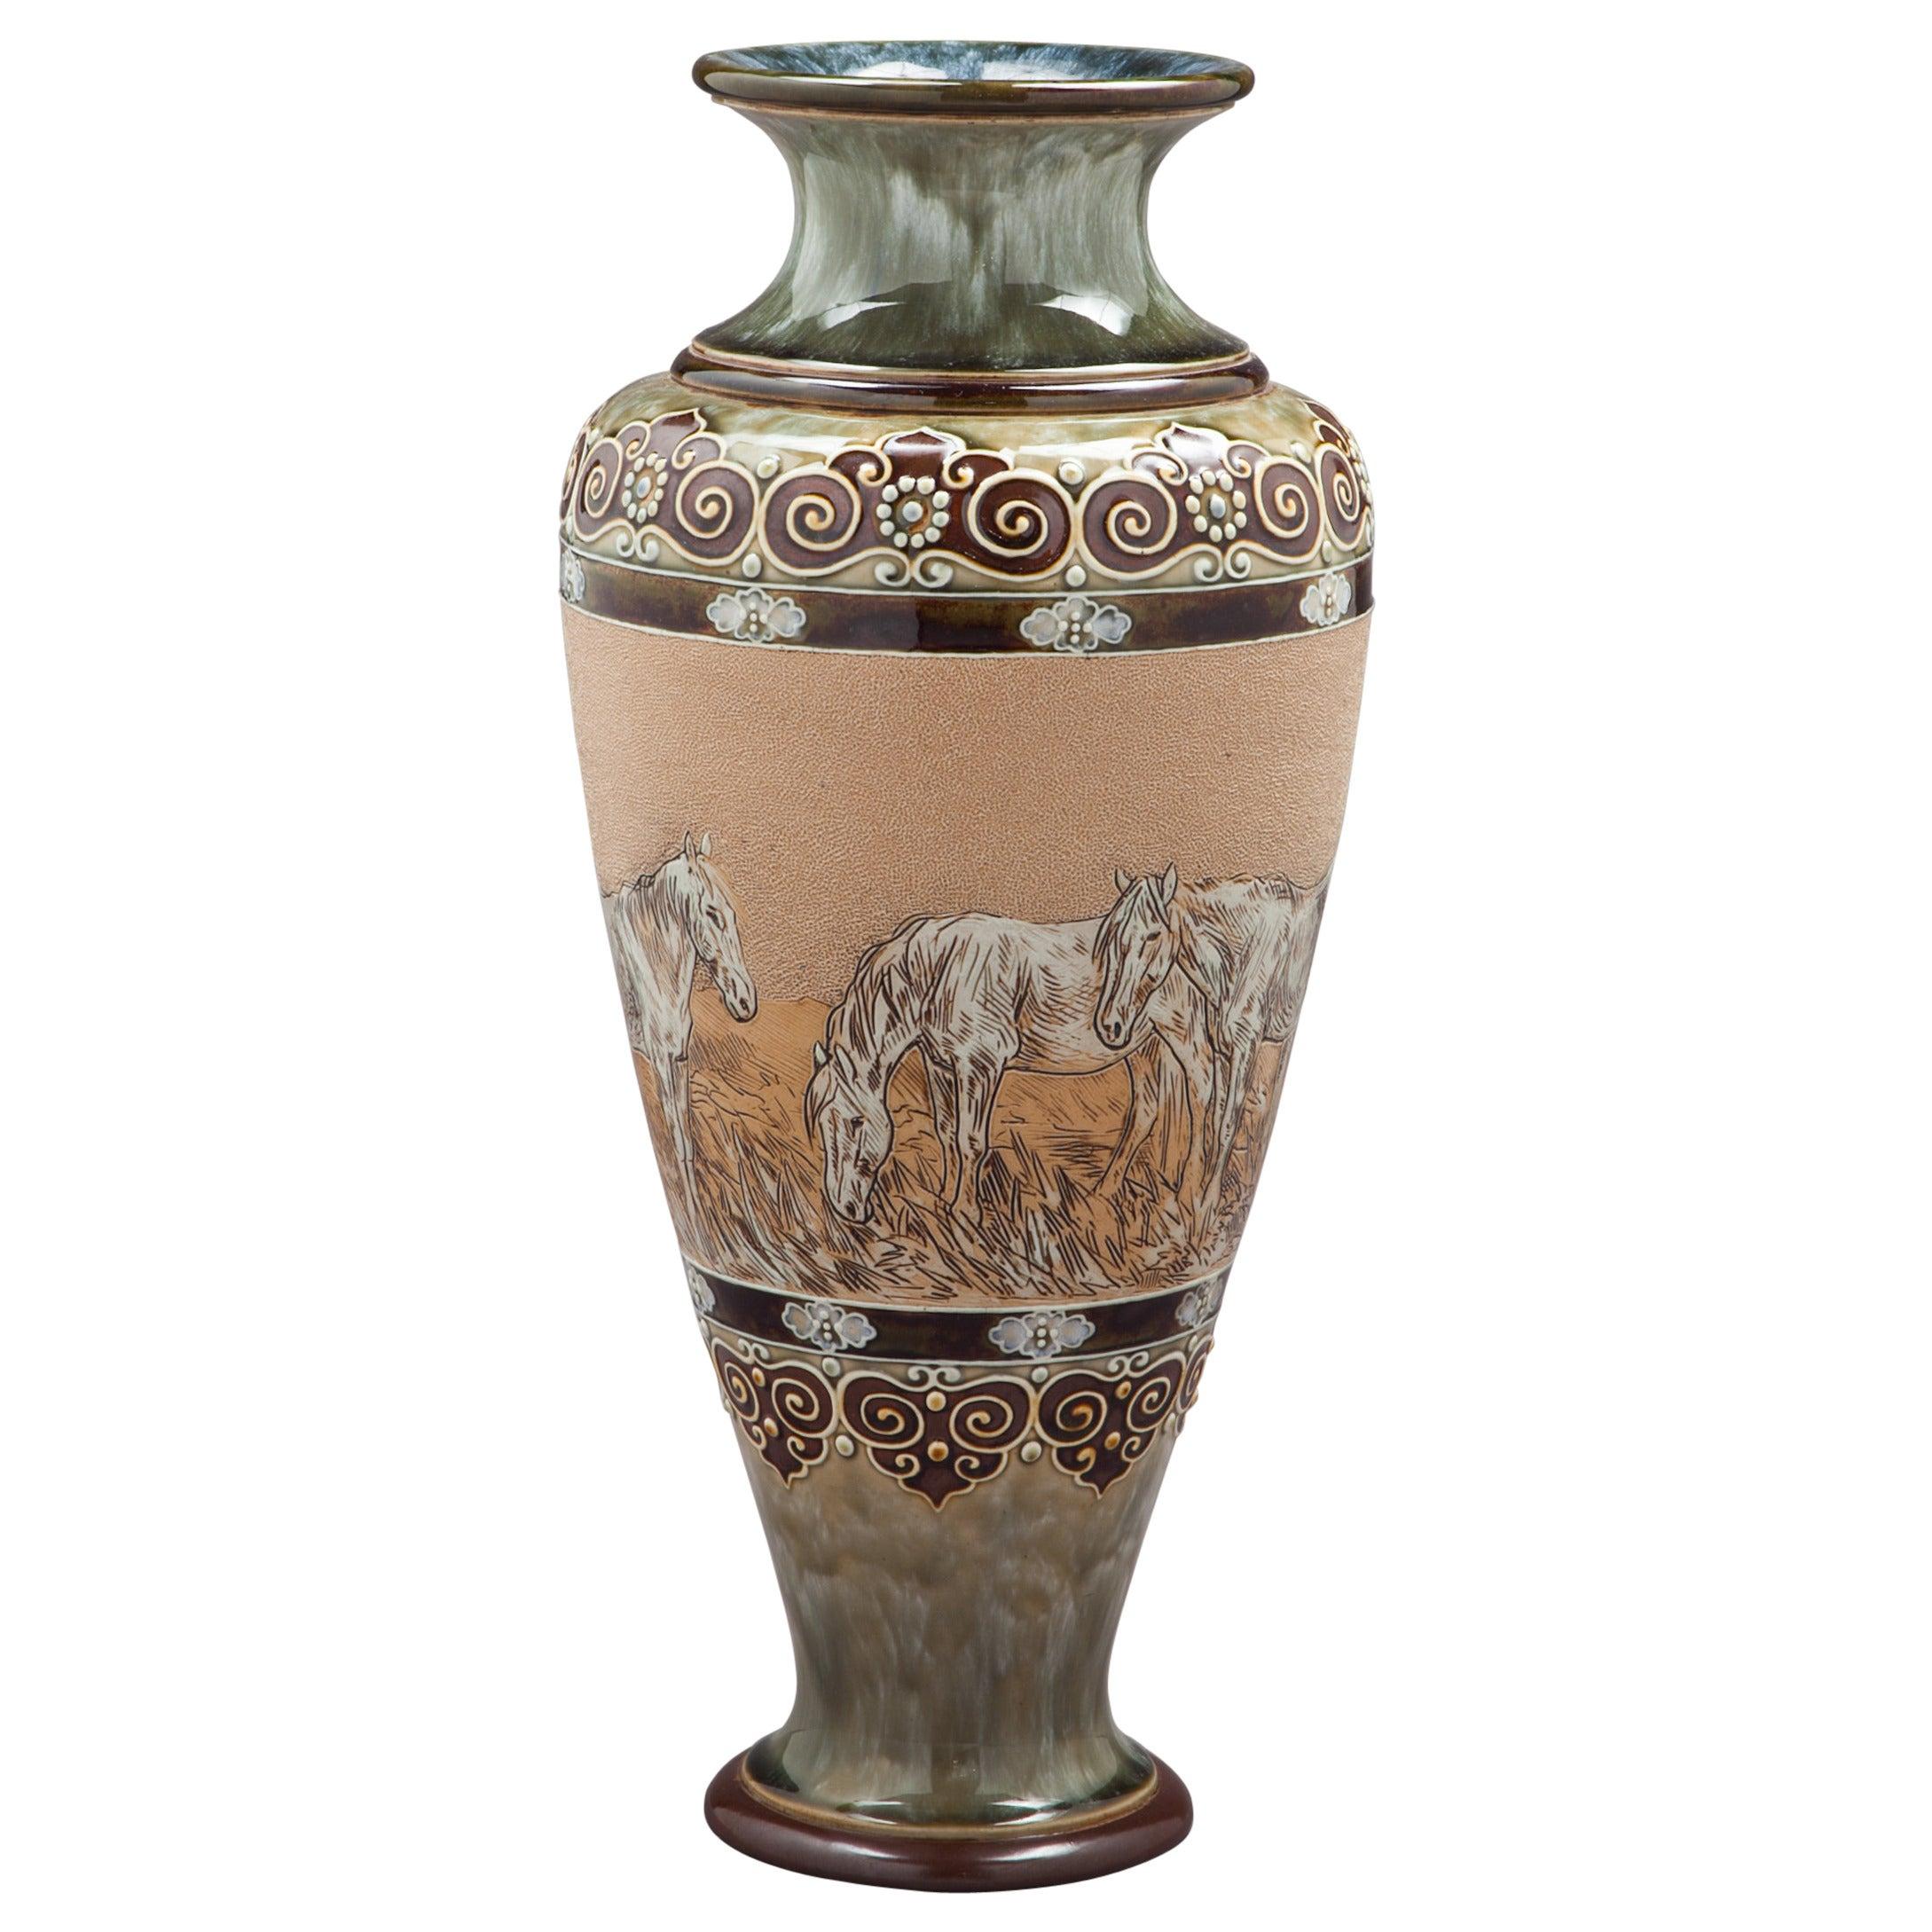 English Stoneware Vase, Royal Doulton, circa 1905